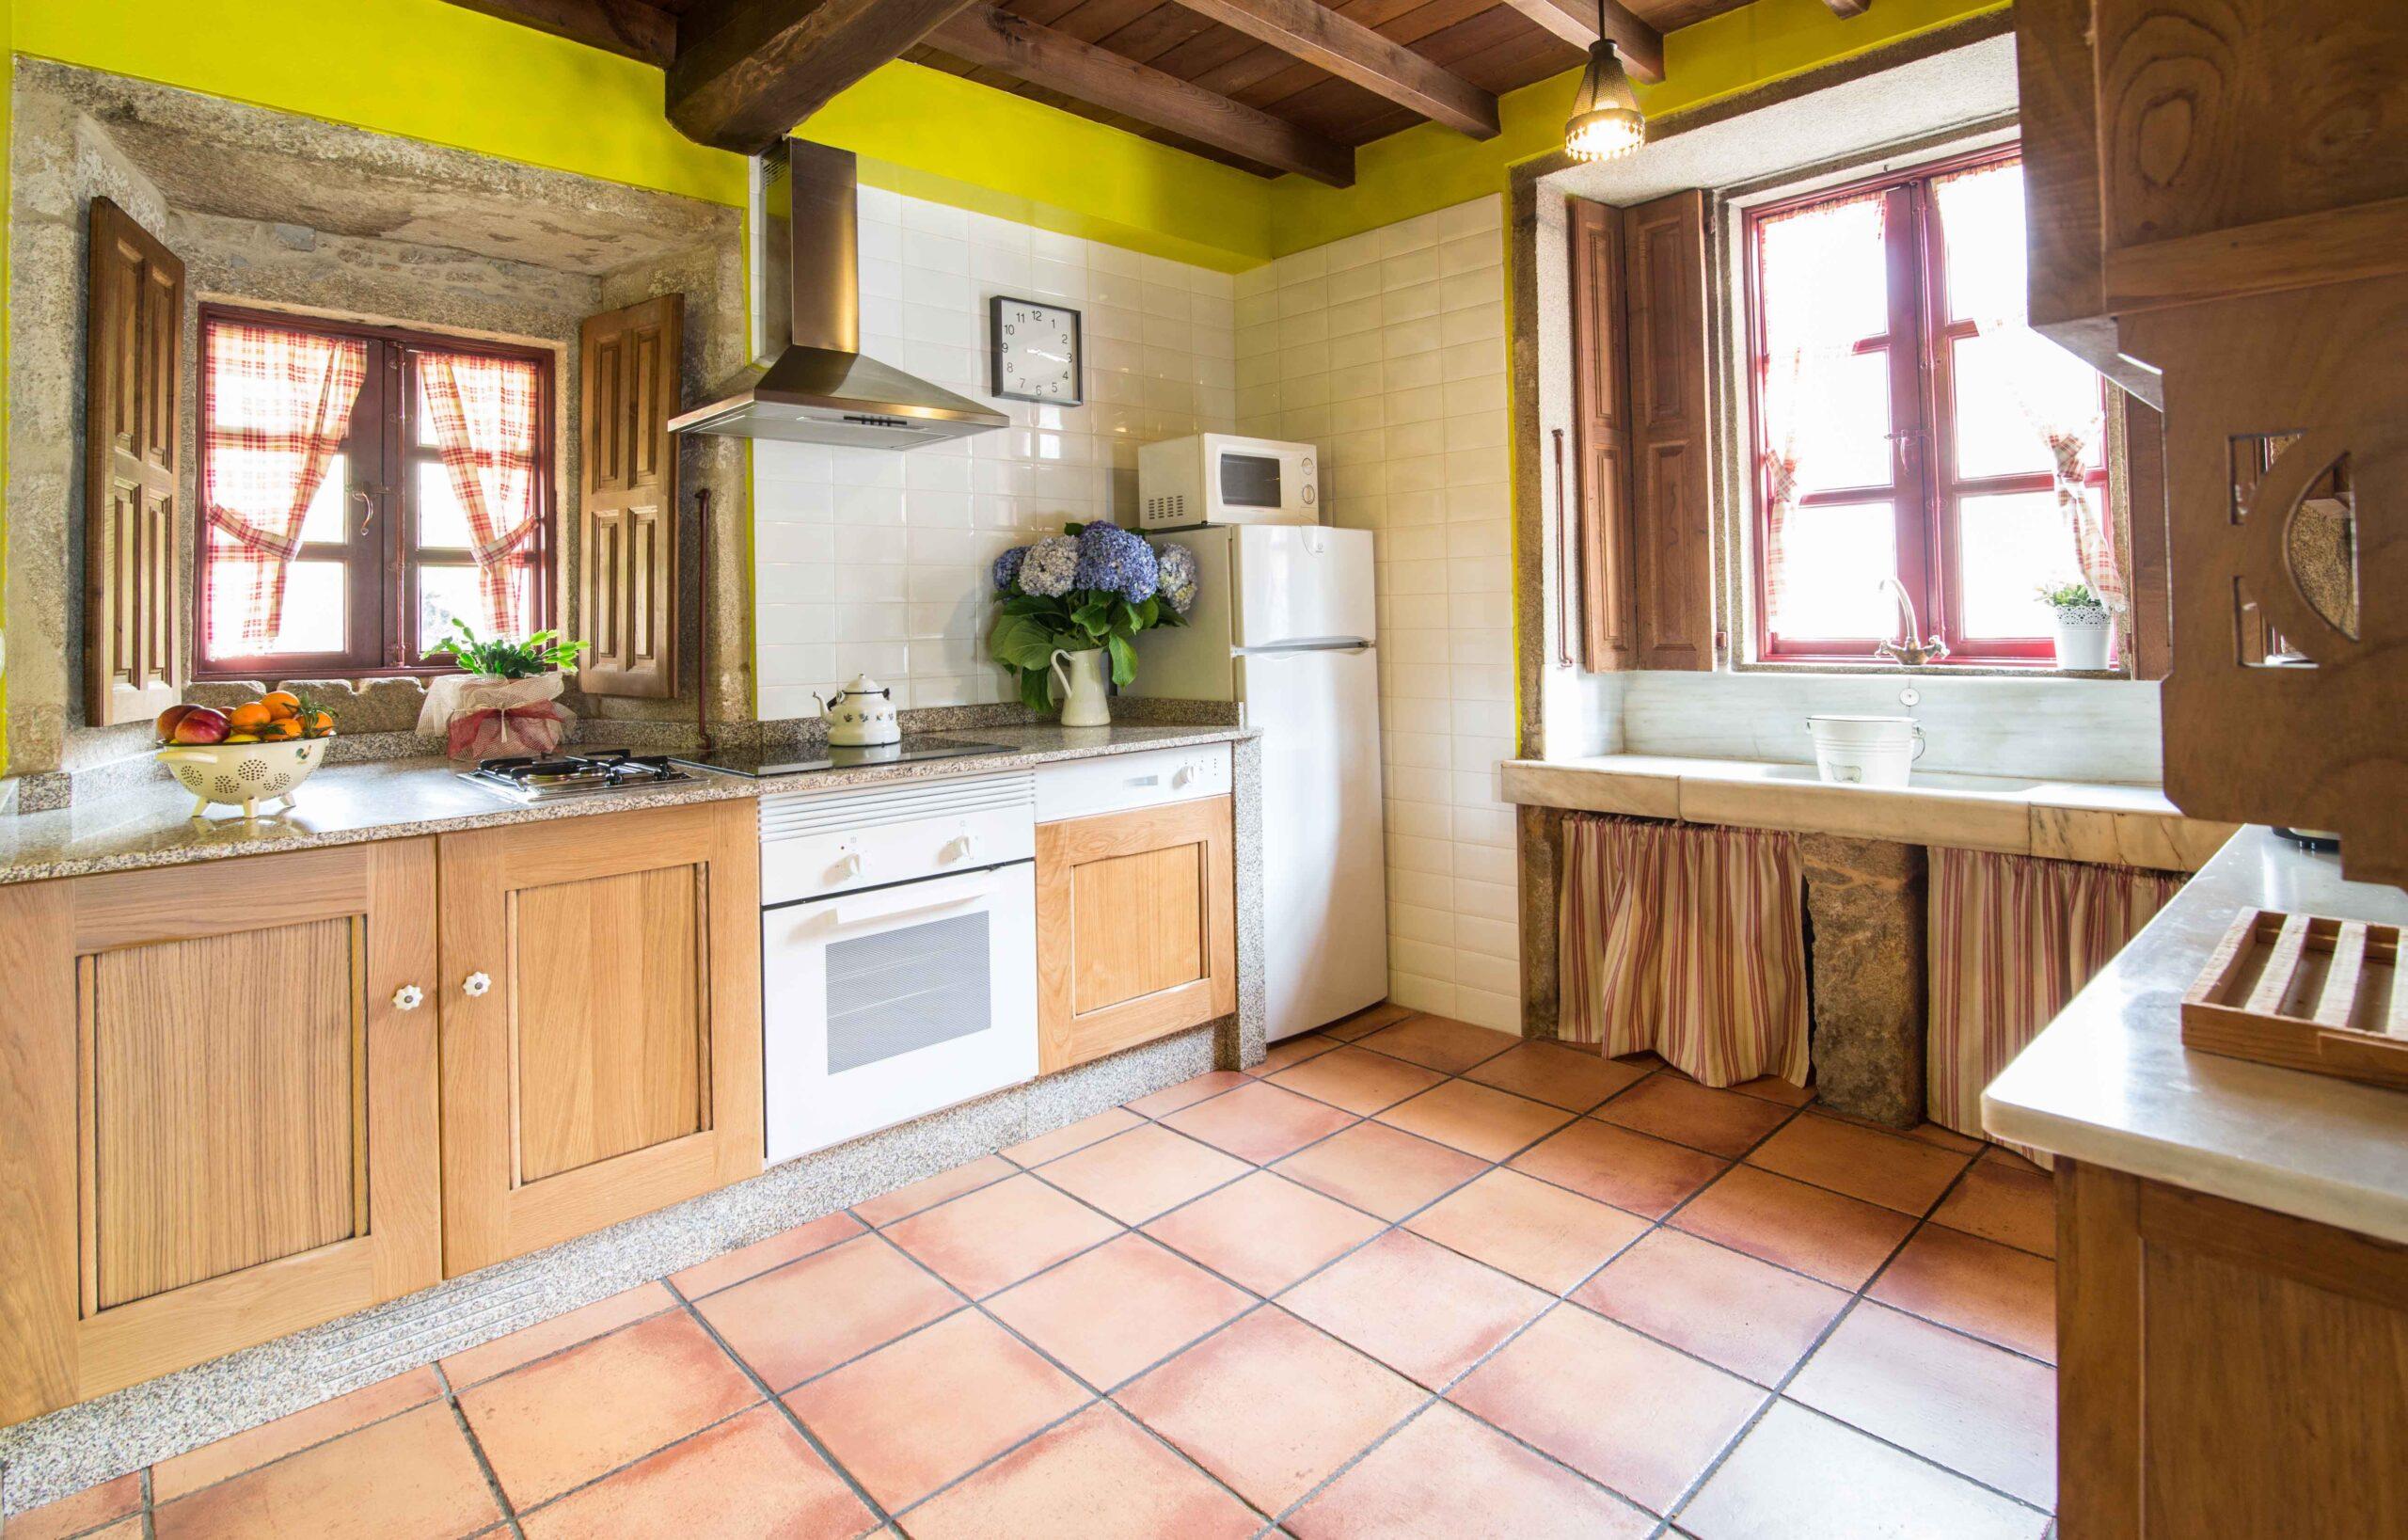 Alquiler casa completa -Cociña - Casa de Roque Turismo rural Galicia (Outes - Galicia)